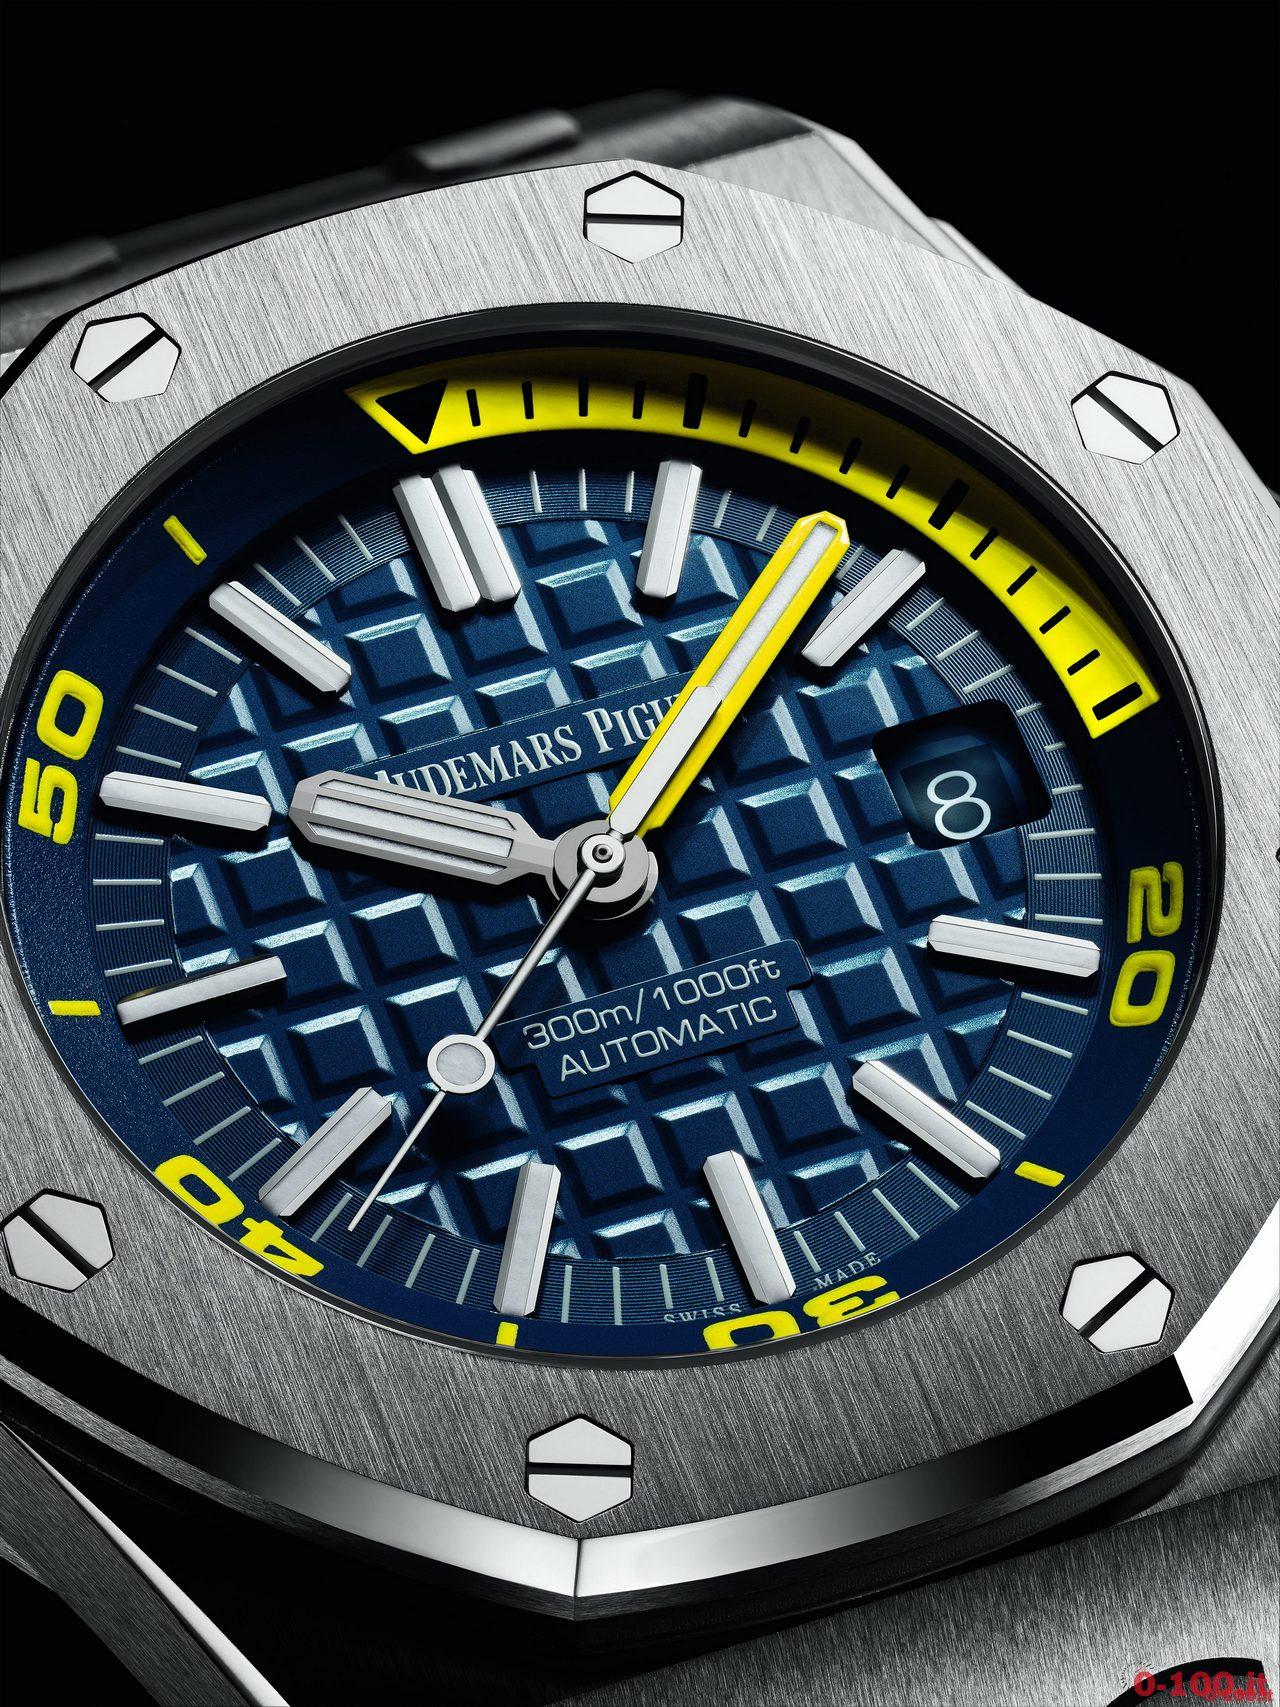 sihh_2017_audemars-piguet-royal-oak-offshore-diver-prezzi-price_0-1003